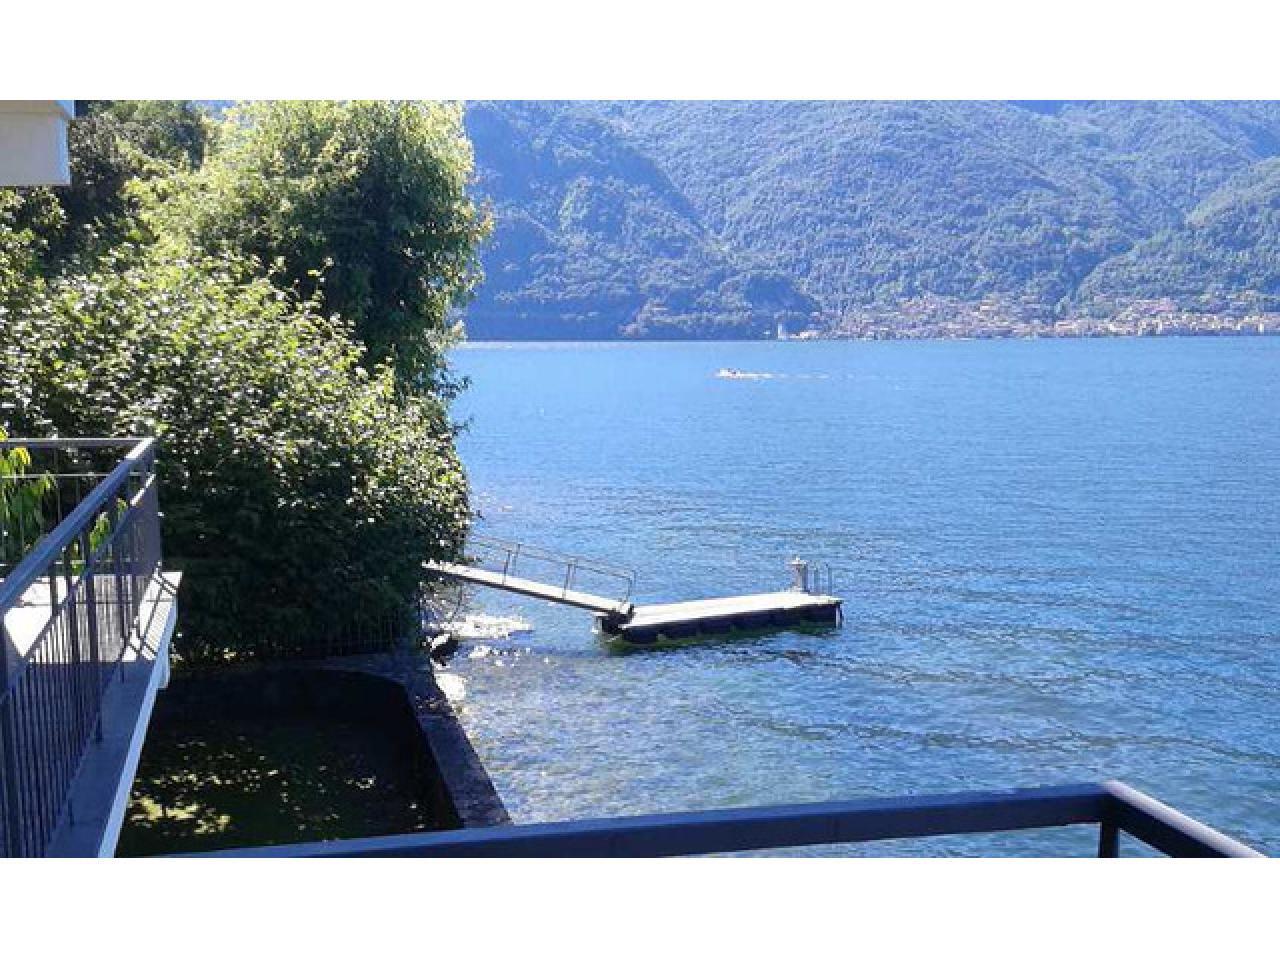 Вилла в городе Ленно (Италия) на озере Комо - 6